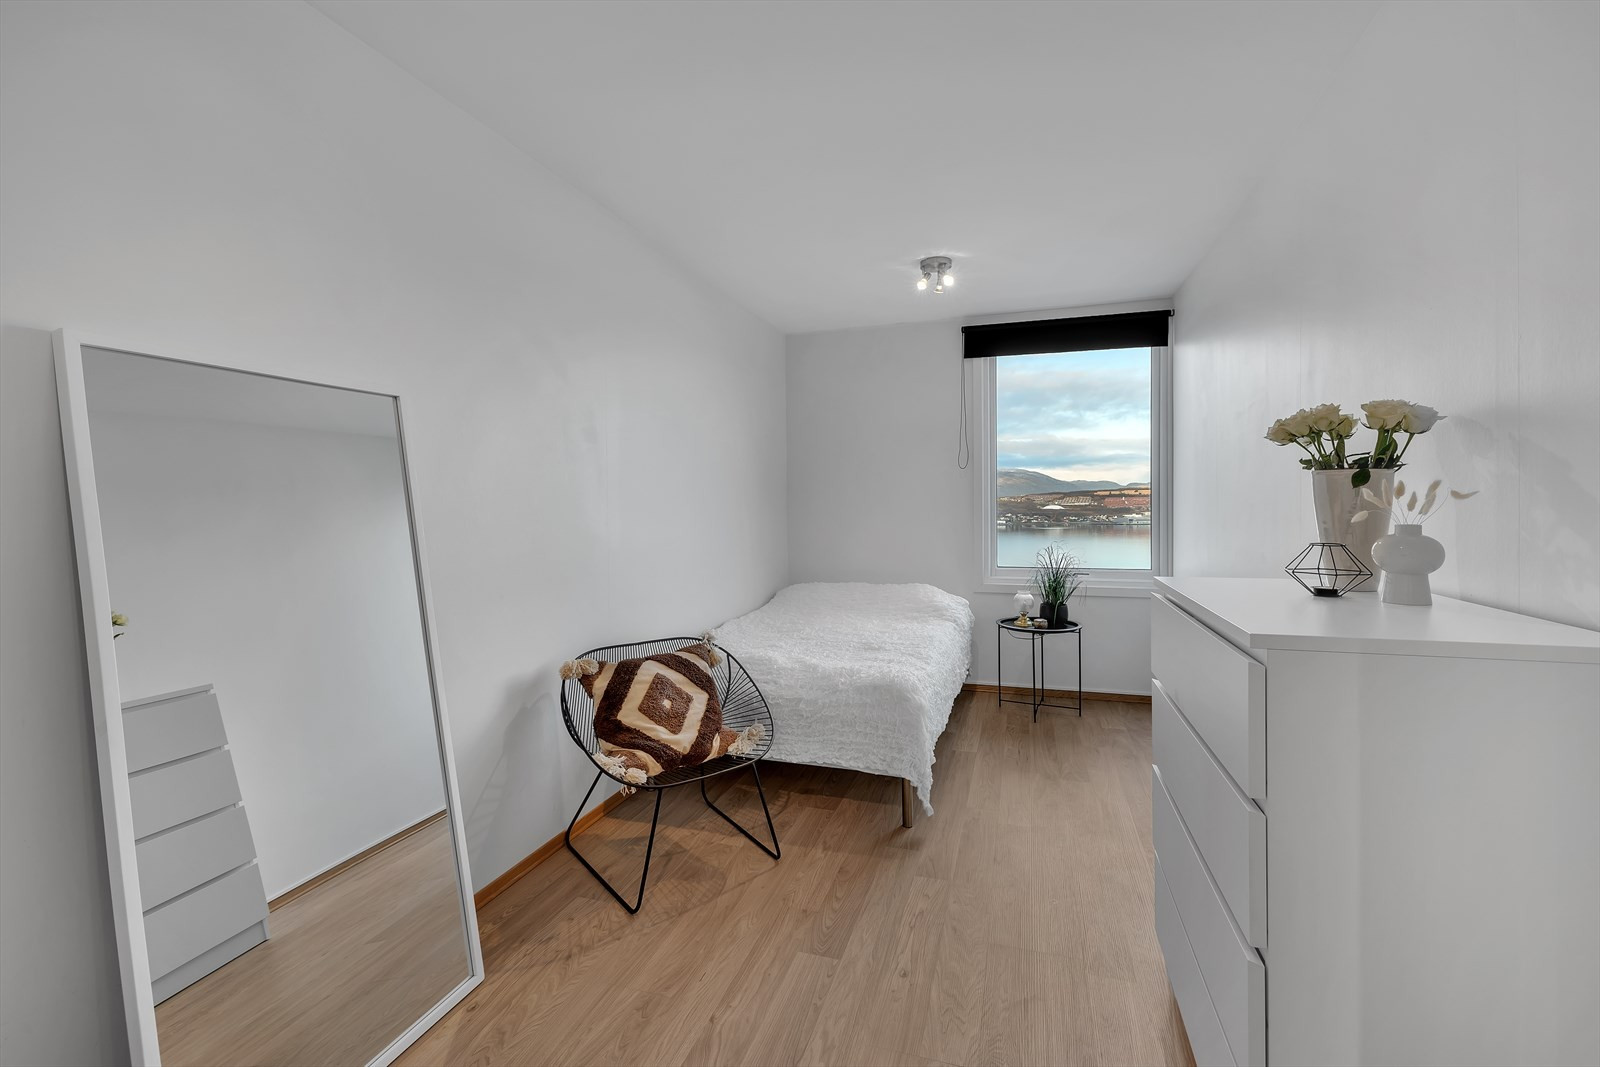 Soverom 3 av 3. Gjennomført med samme stil som de øvrige rommene, ryddig og pent.